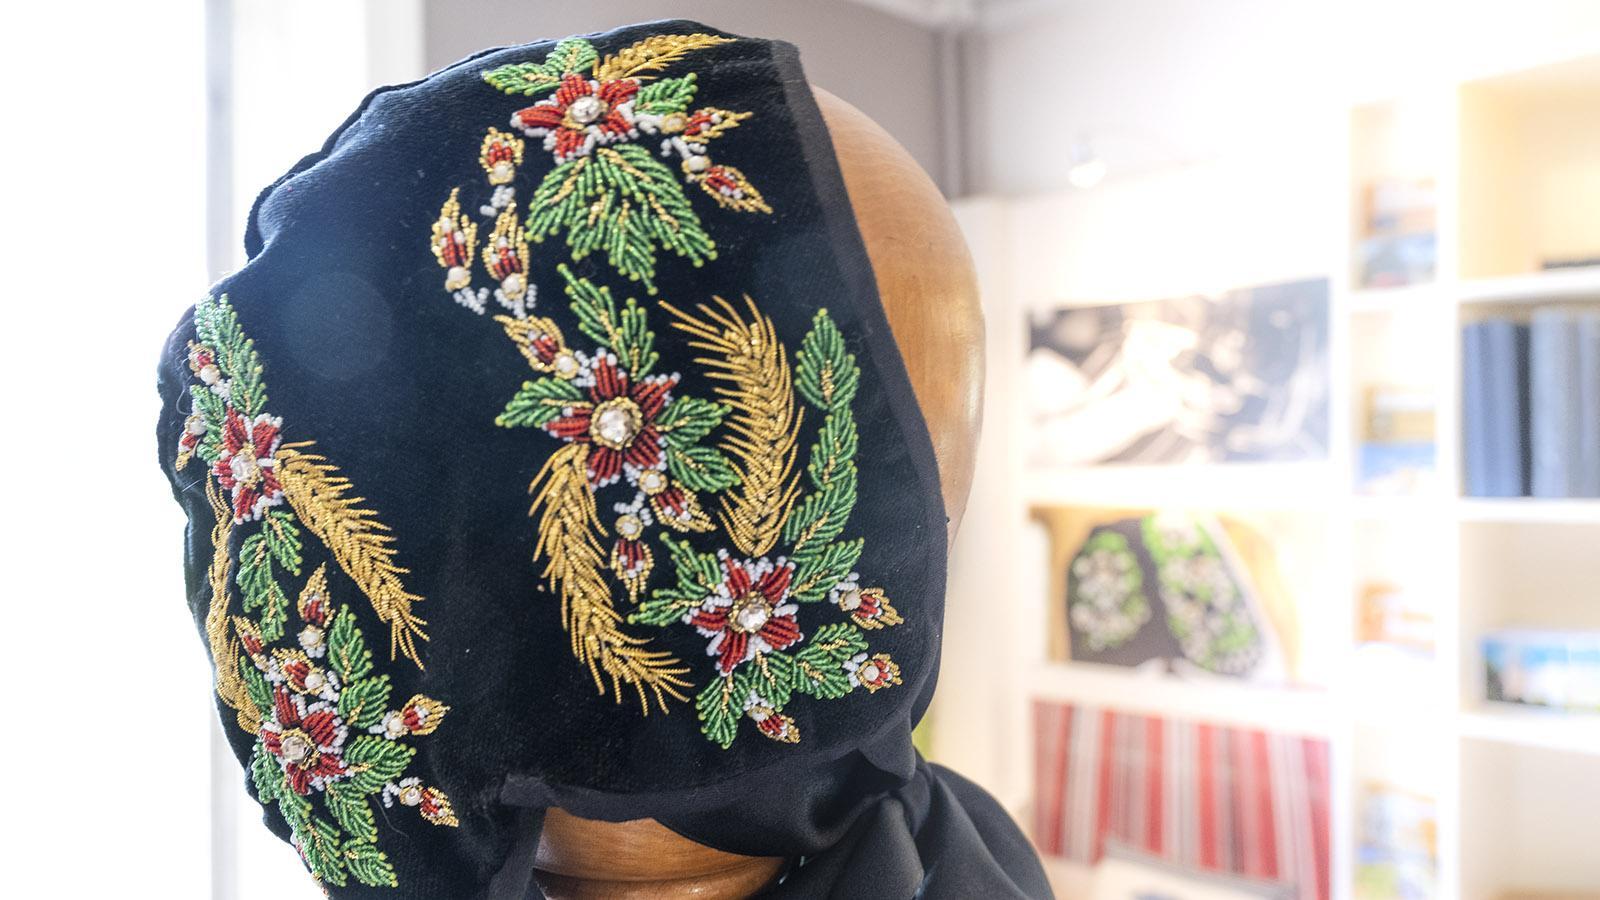 Solche <em>diairi</em> genannte Hauben trugen einst protestantische Frauen im Montbéliard. Foto: Hilke Maunder